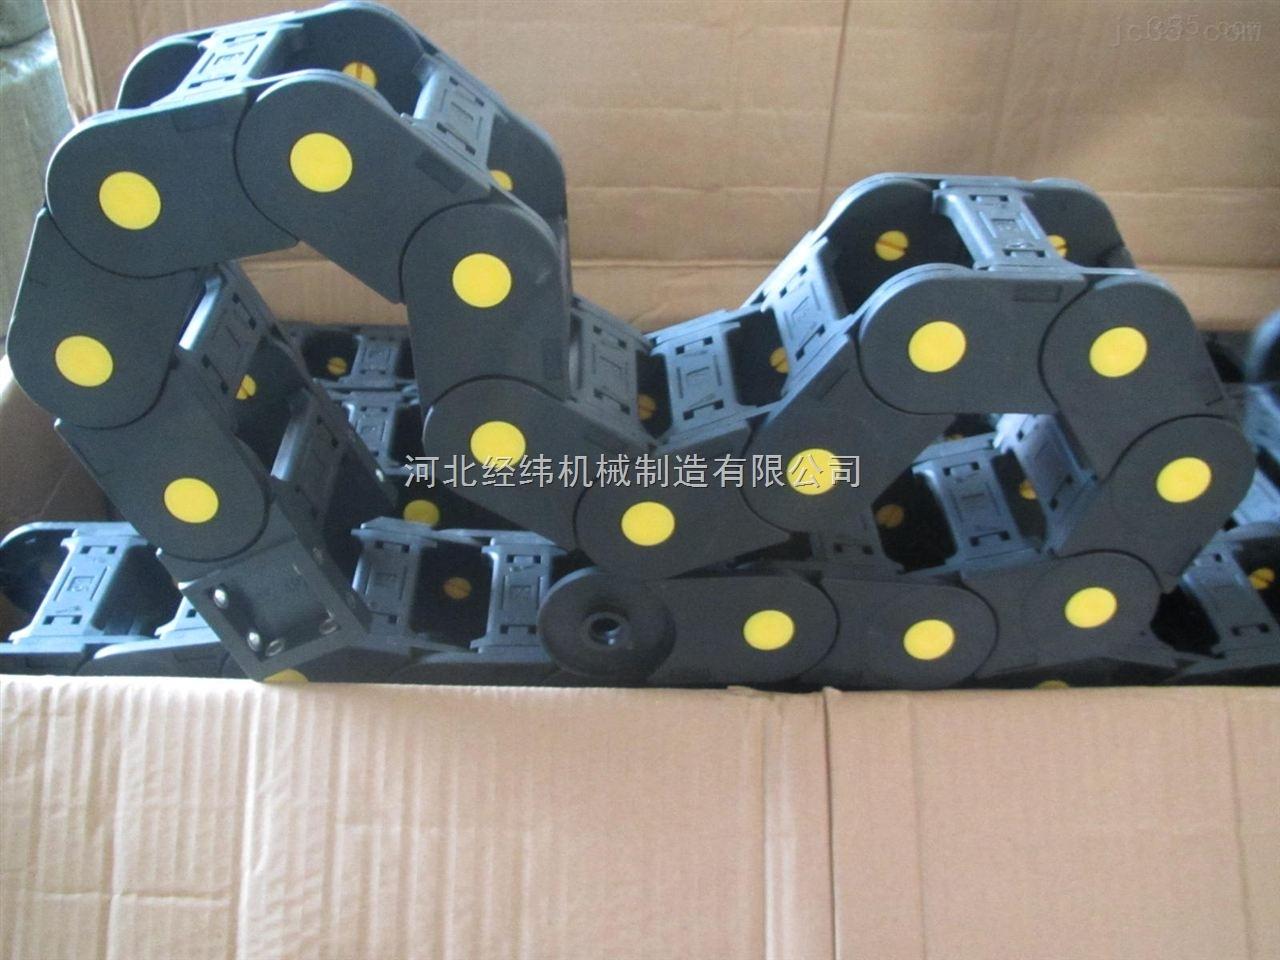 工程机床塑料桥式拖链 穿线拖链 加强尼龙拖链